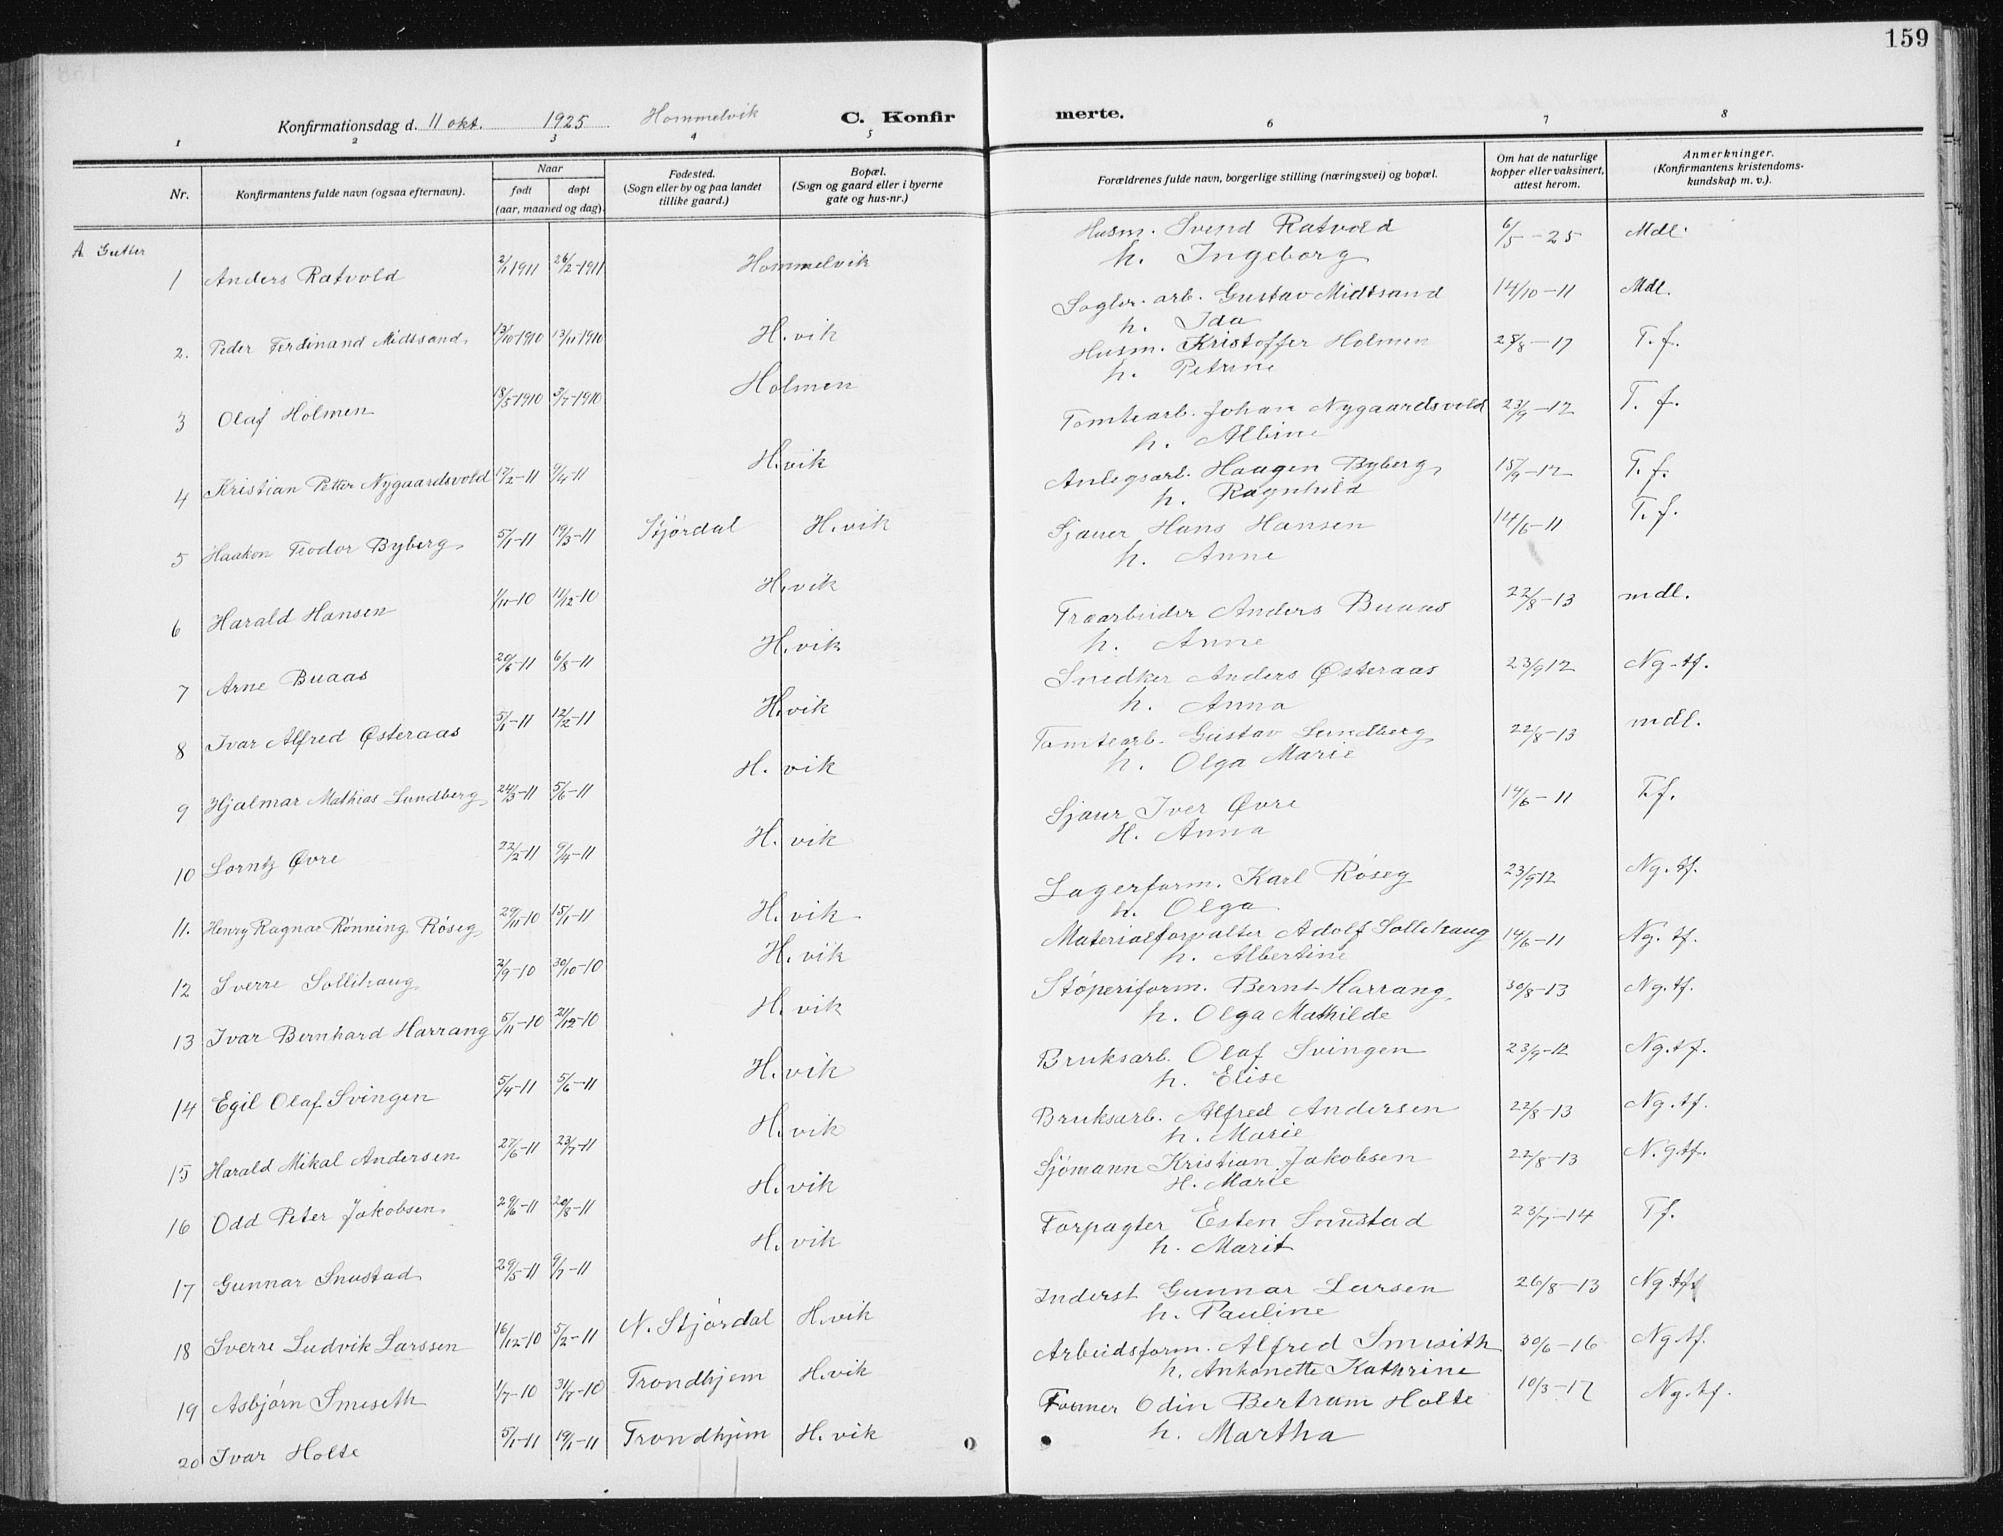 SAT, Ministerialprotokoller, klokkerbøker og fødselsregistre - Sør-Trøndelag, 617/L0431: Klokkerbok nr. 617C02, 1910-1936, s. 159